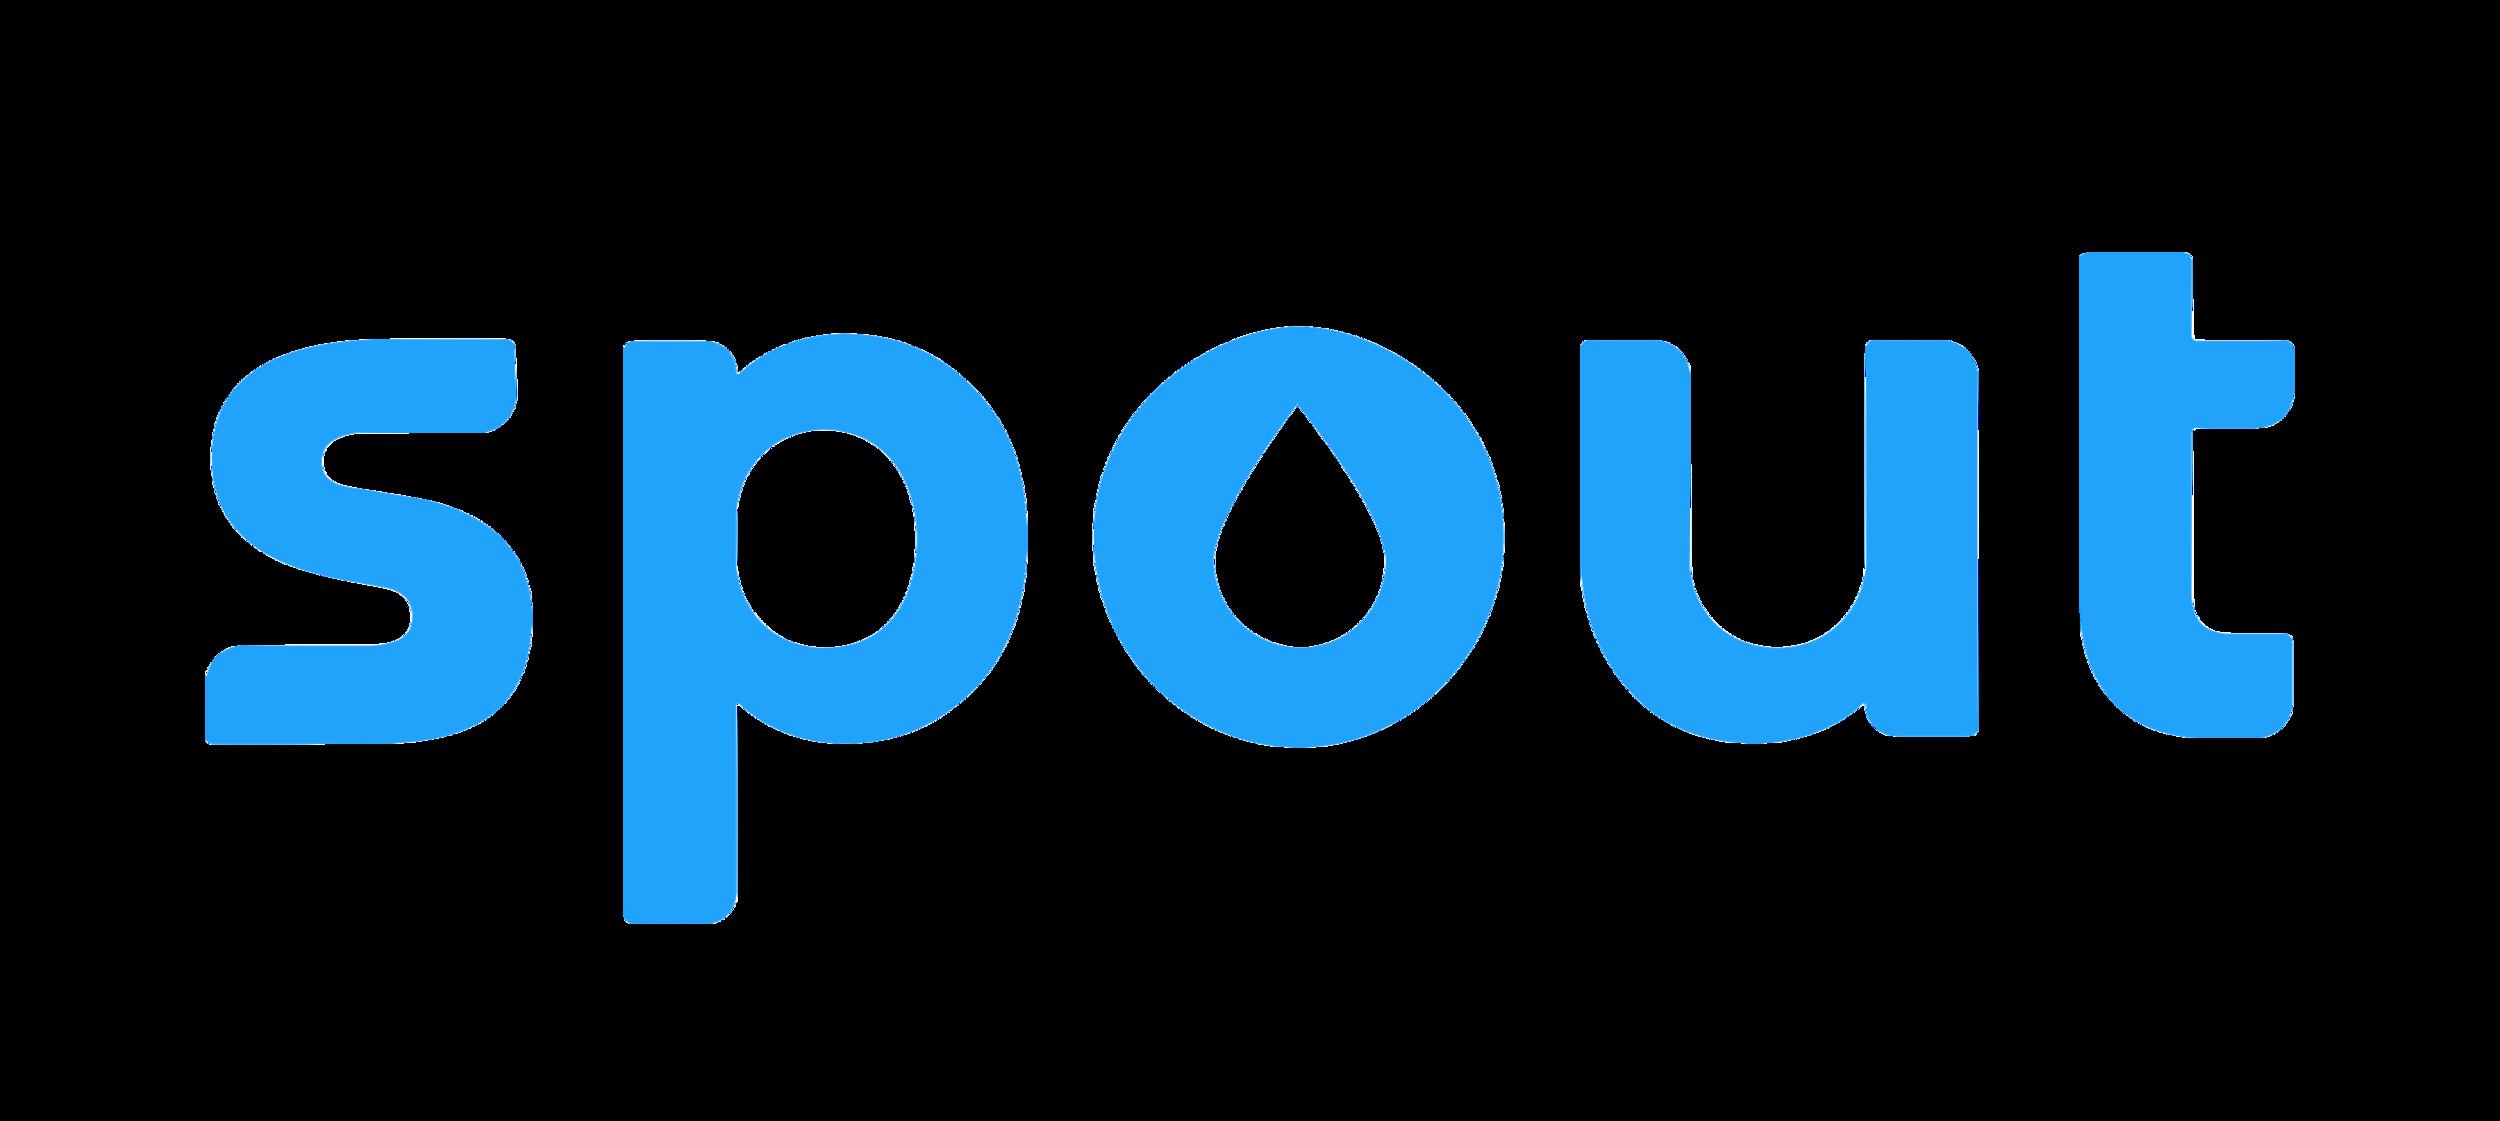 Spout_Logo_Large.png